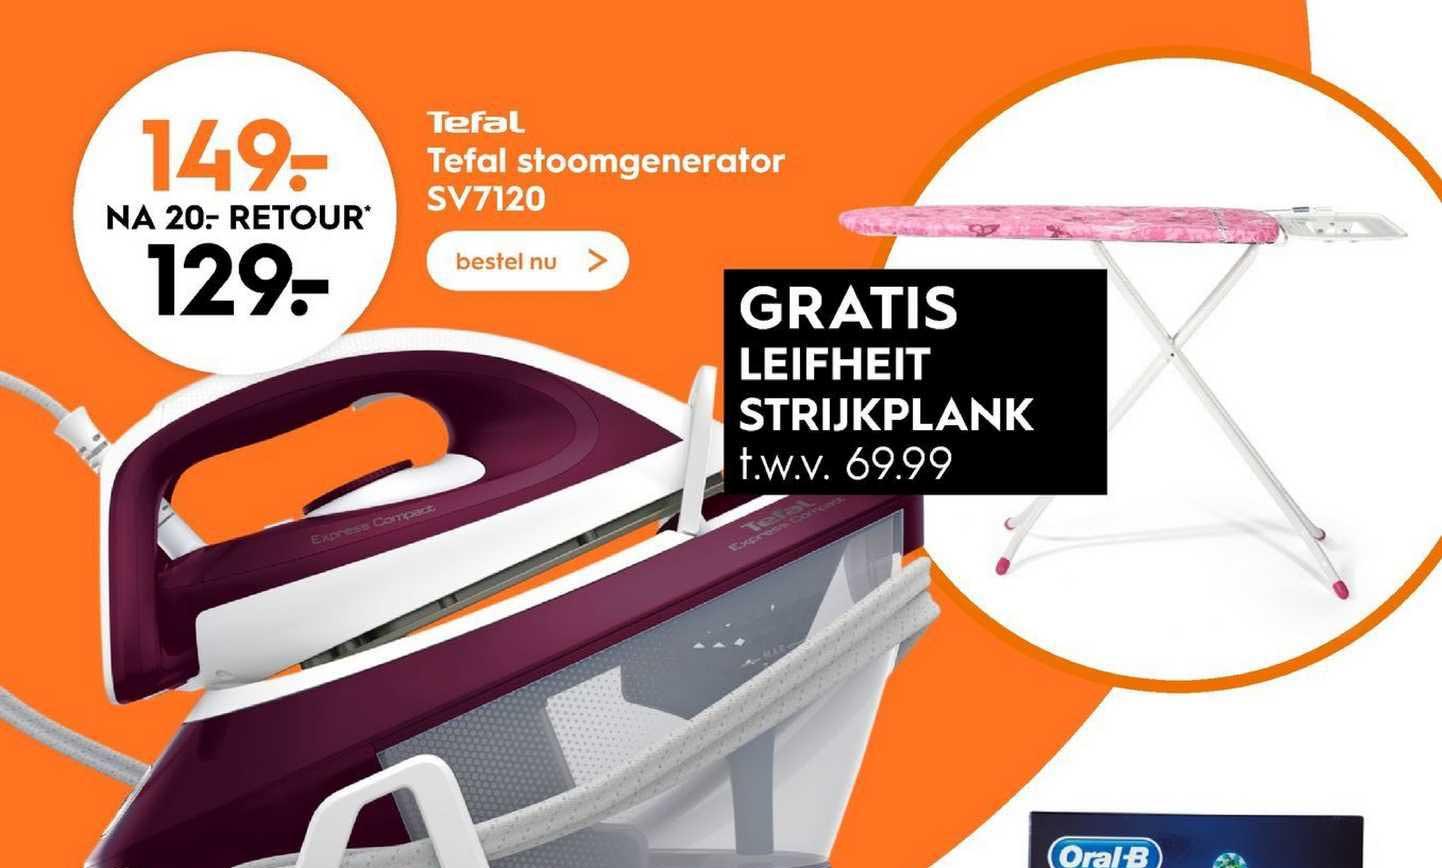 Blokker Tefal Stoomgenerator SV7120